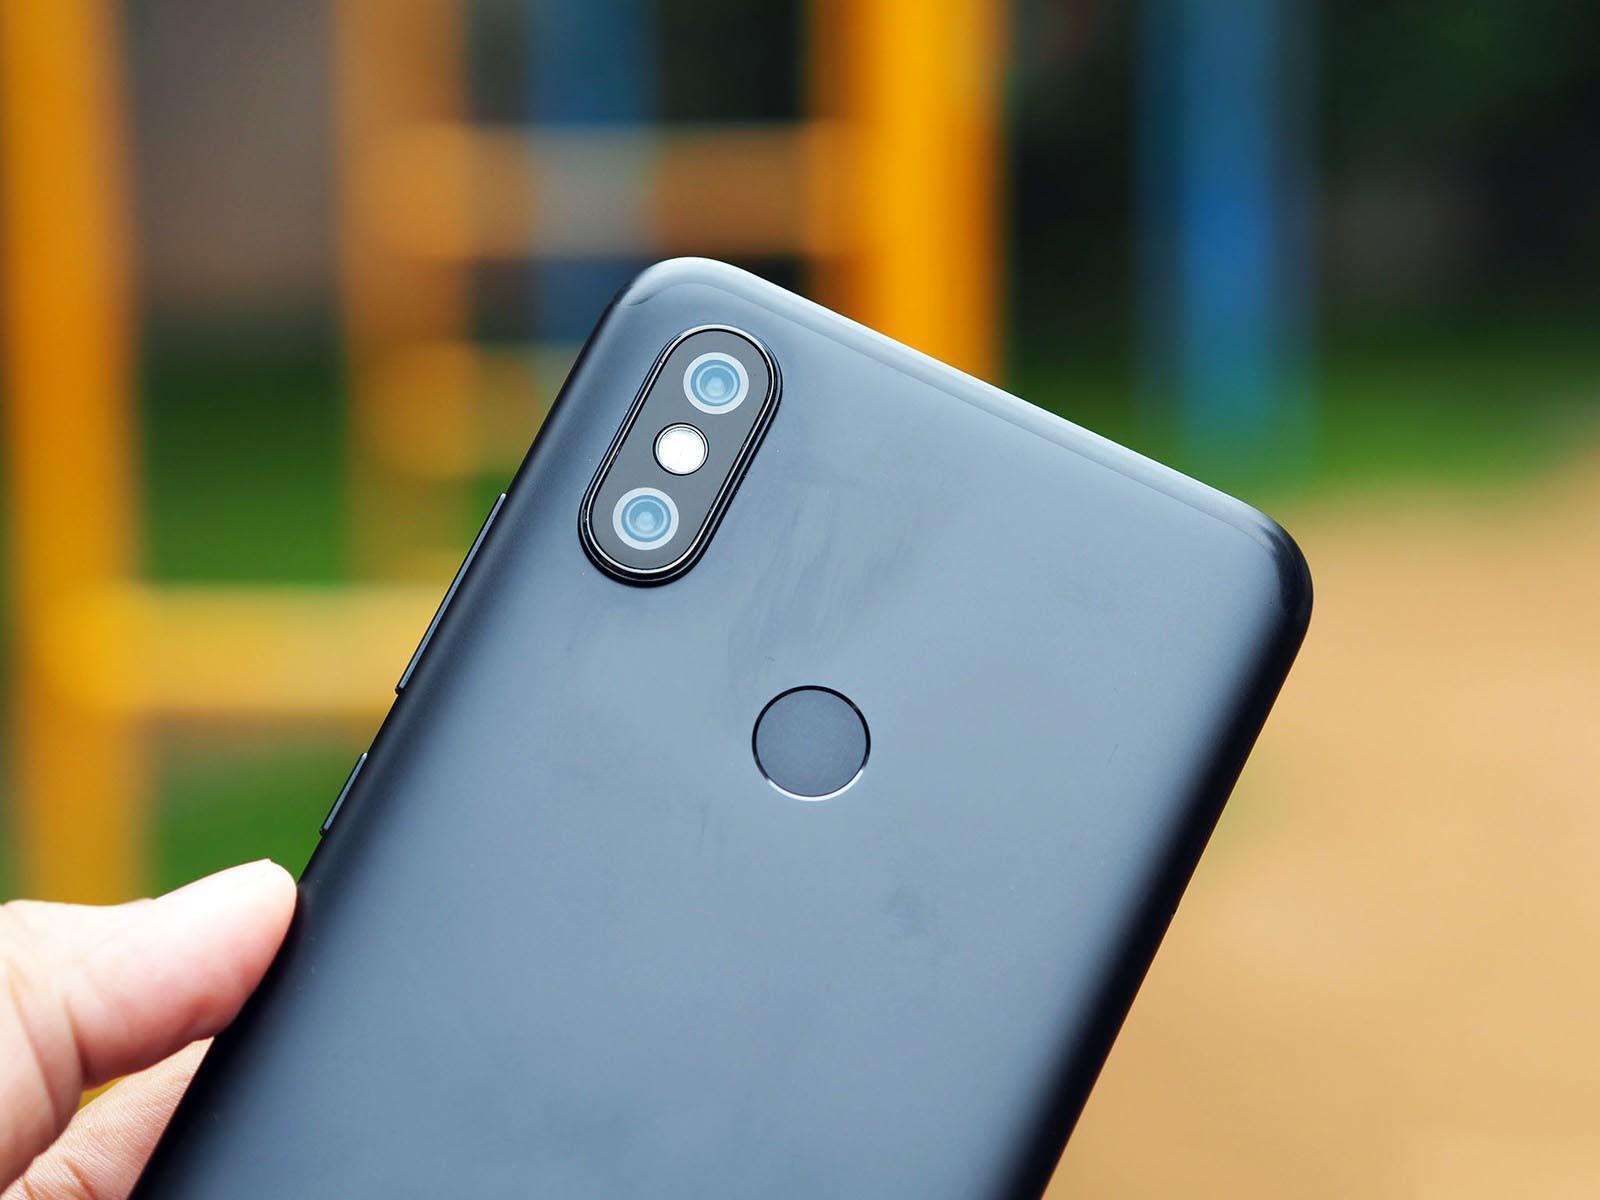 Xiaomi-mi-a2-chiec-dien-thoai-hot-dang-duoc-nguoi-dung-san-don-1